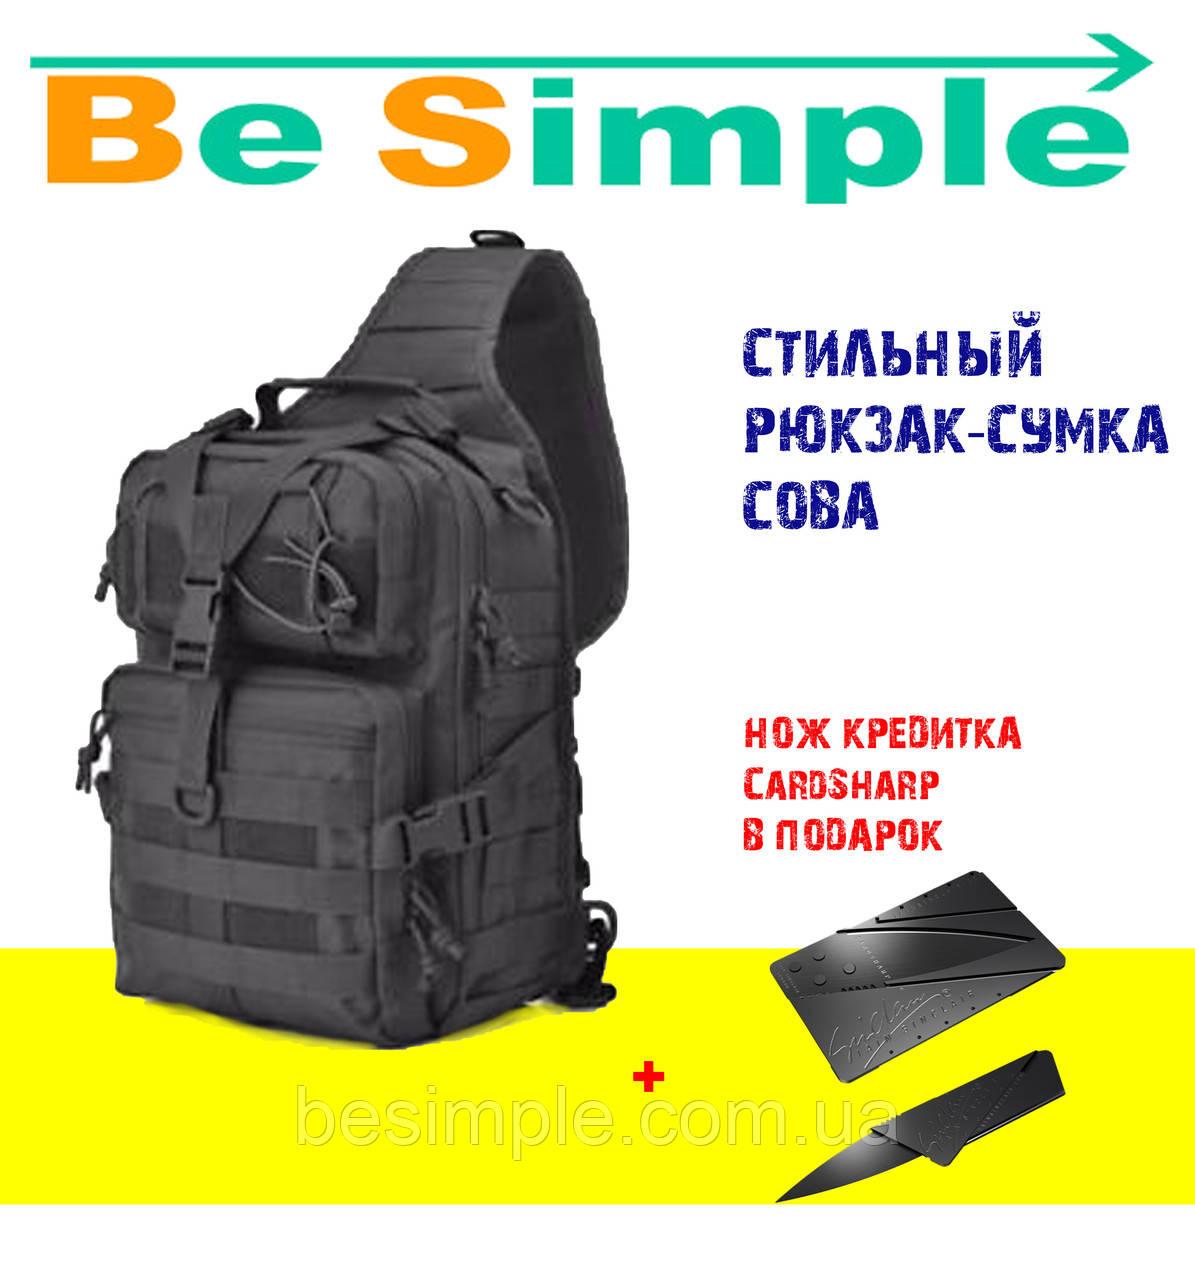 Тактический Штурмовой Военный Рюкзак 20 л